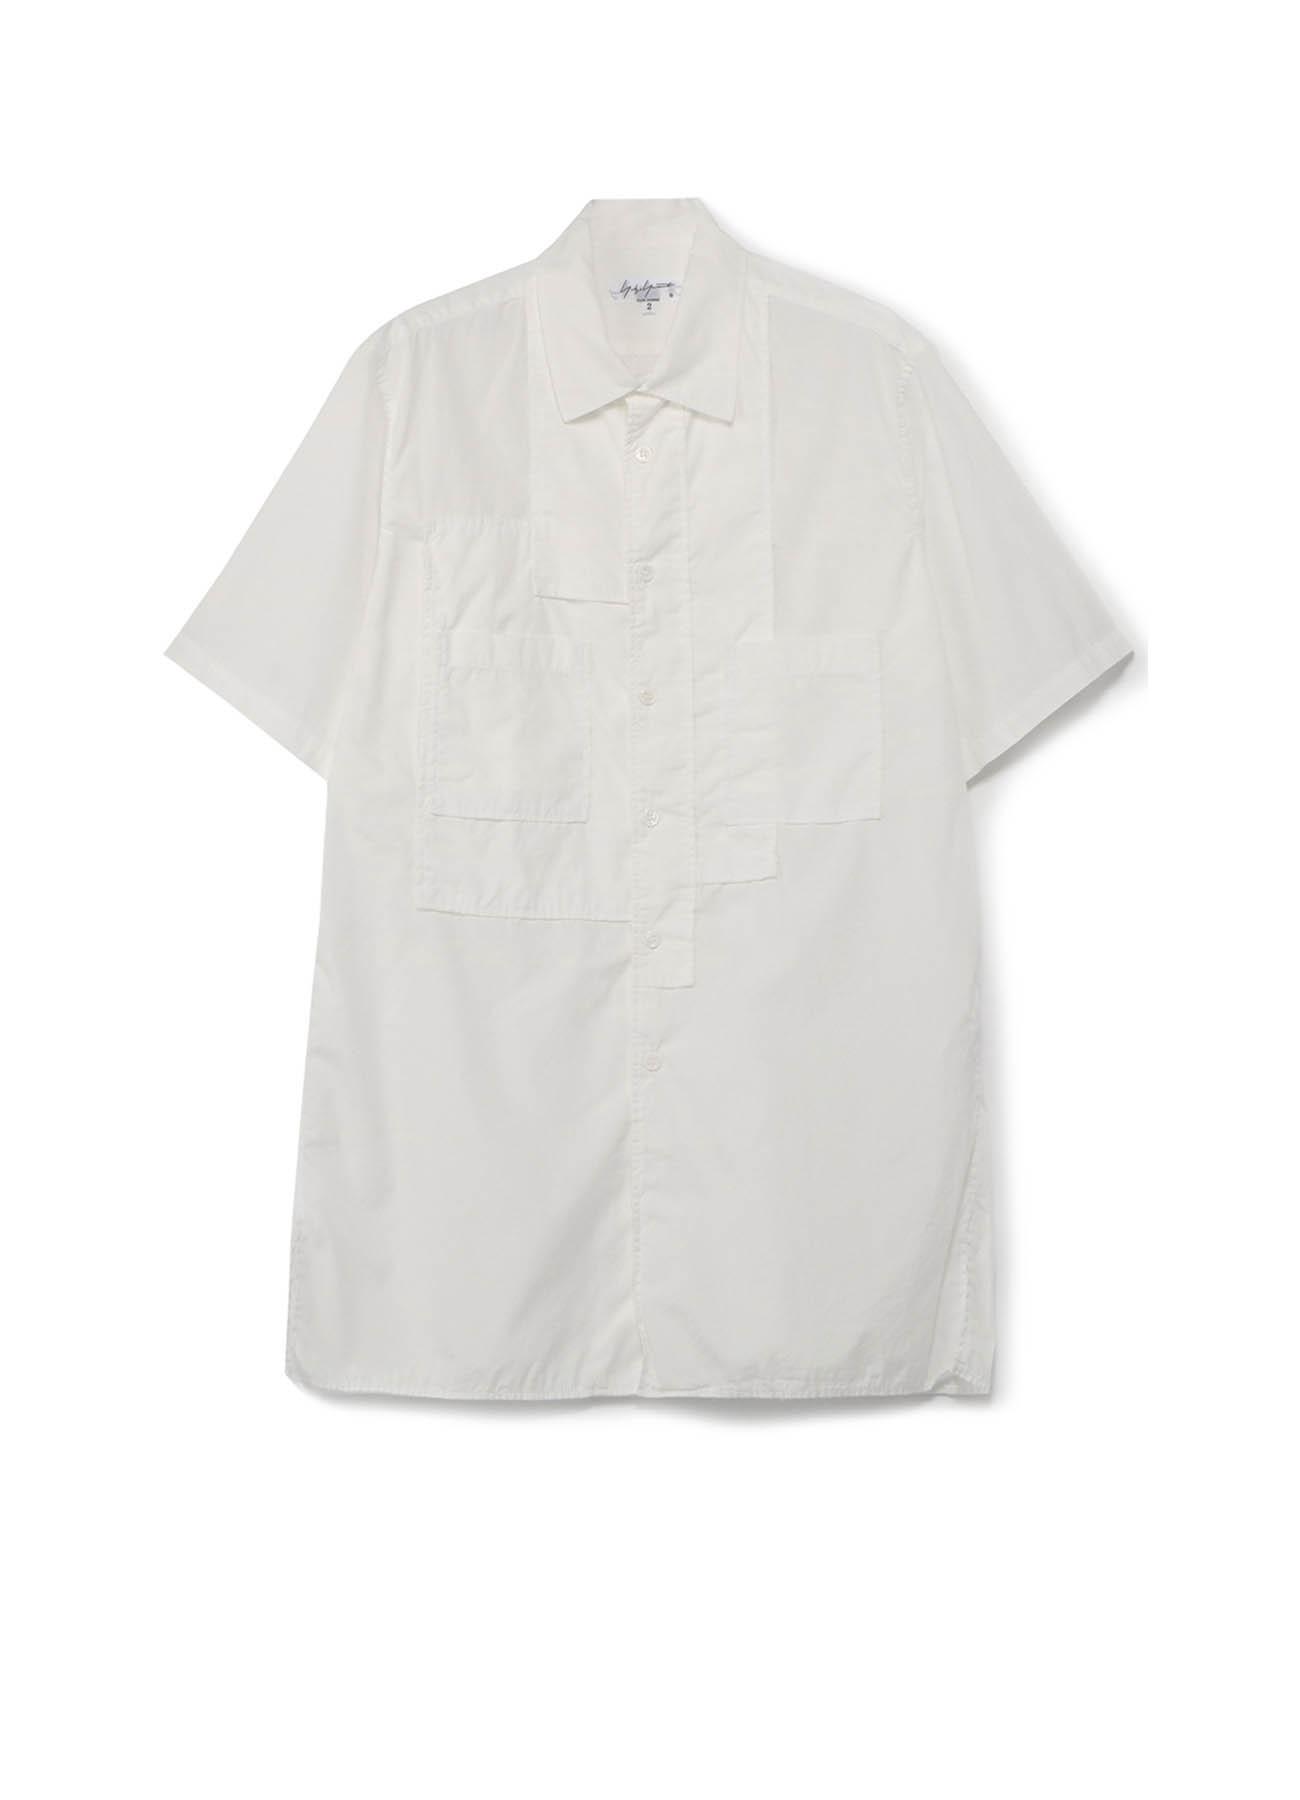 環縫いブロード 半袖パッチワークシャツ